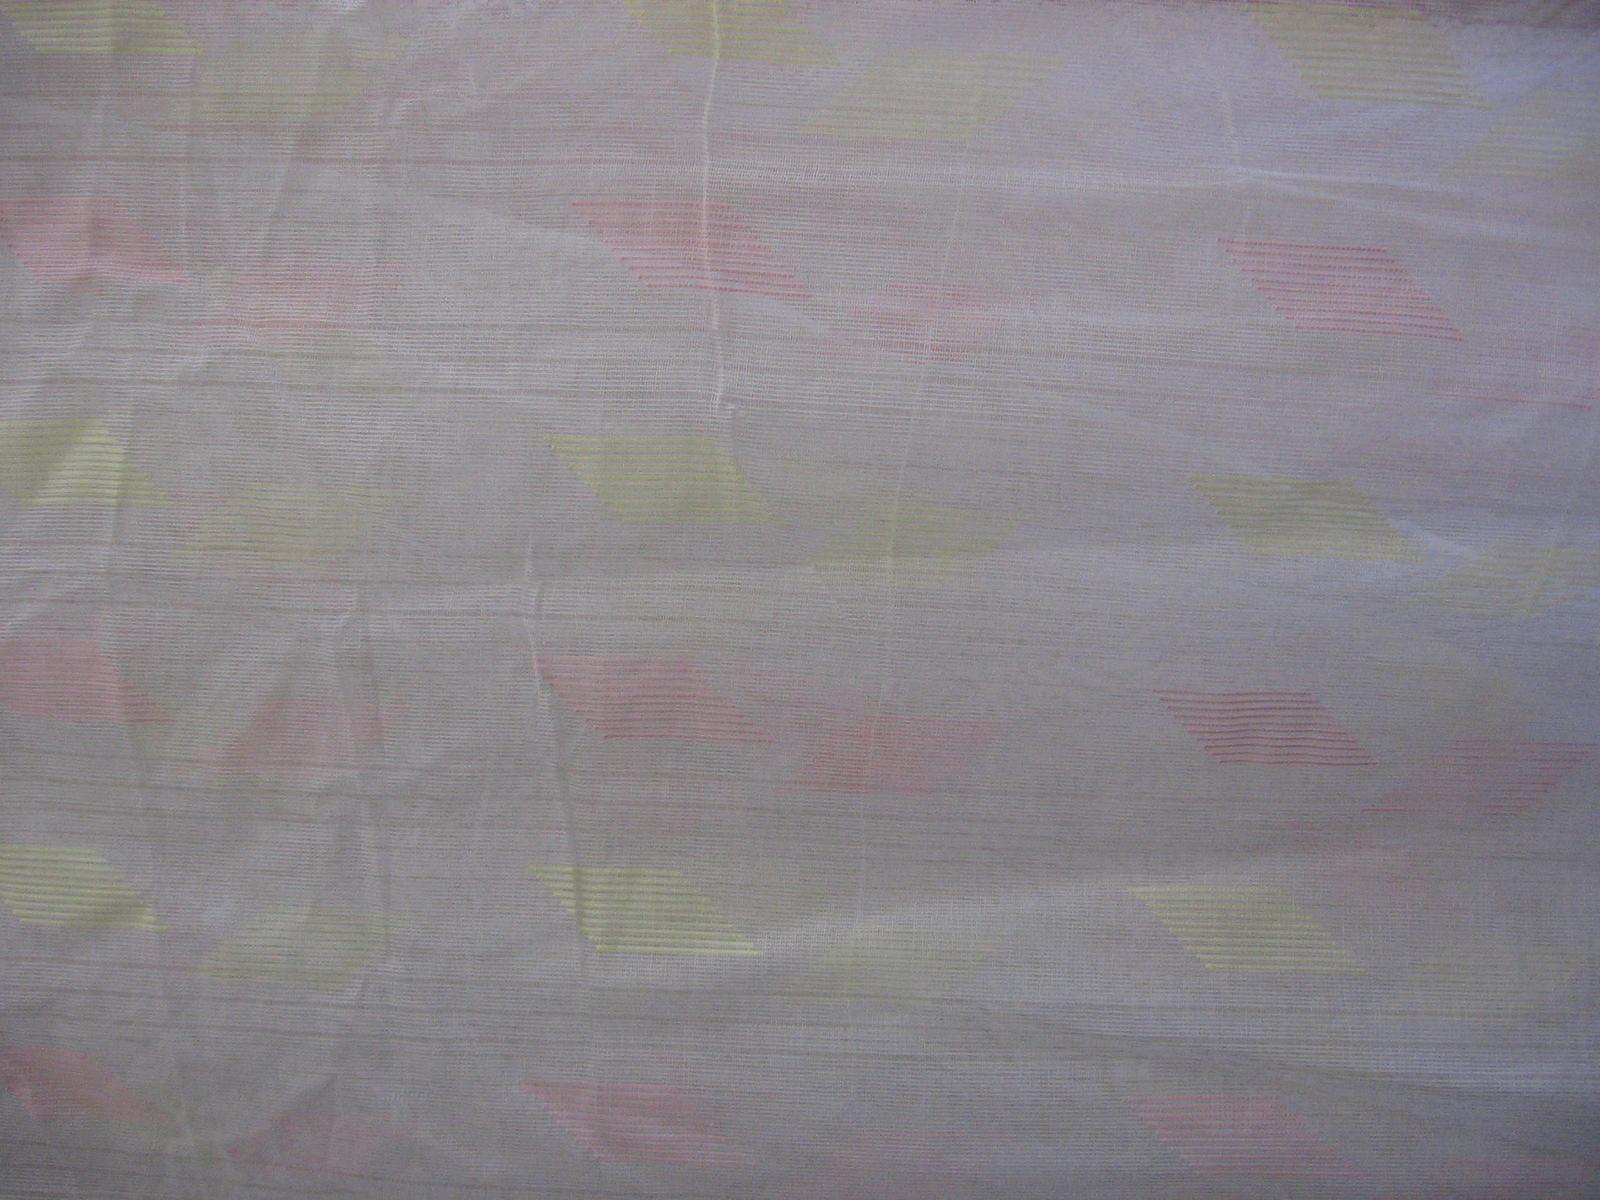 Záclona 10m, šírka1,45m - Obrázok č. 1